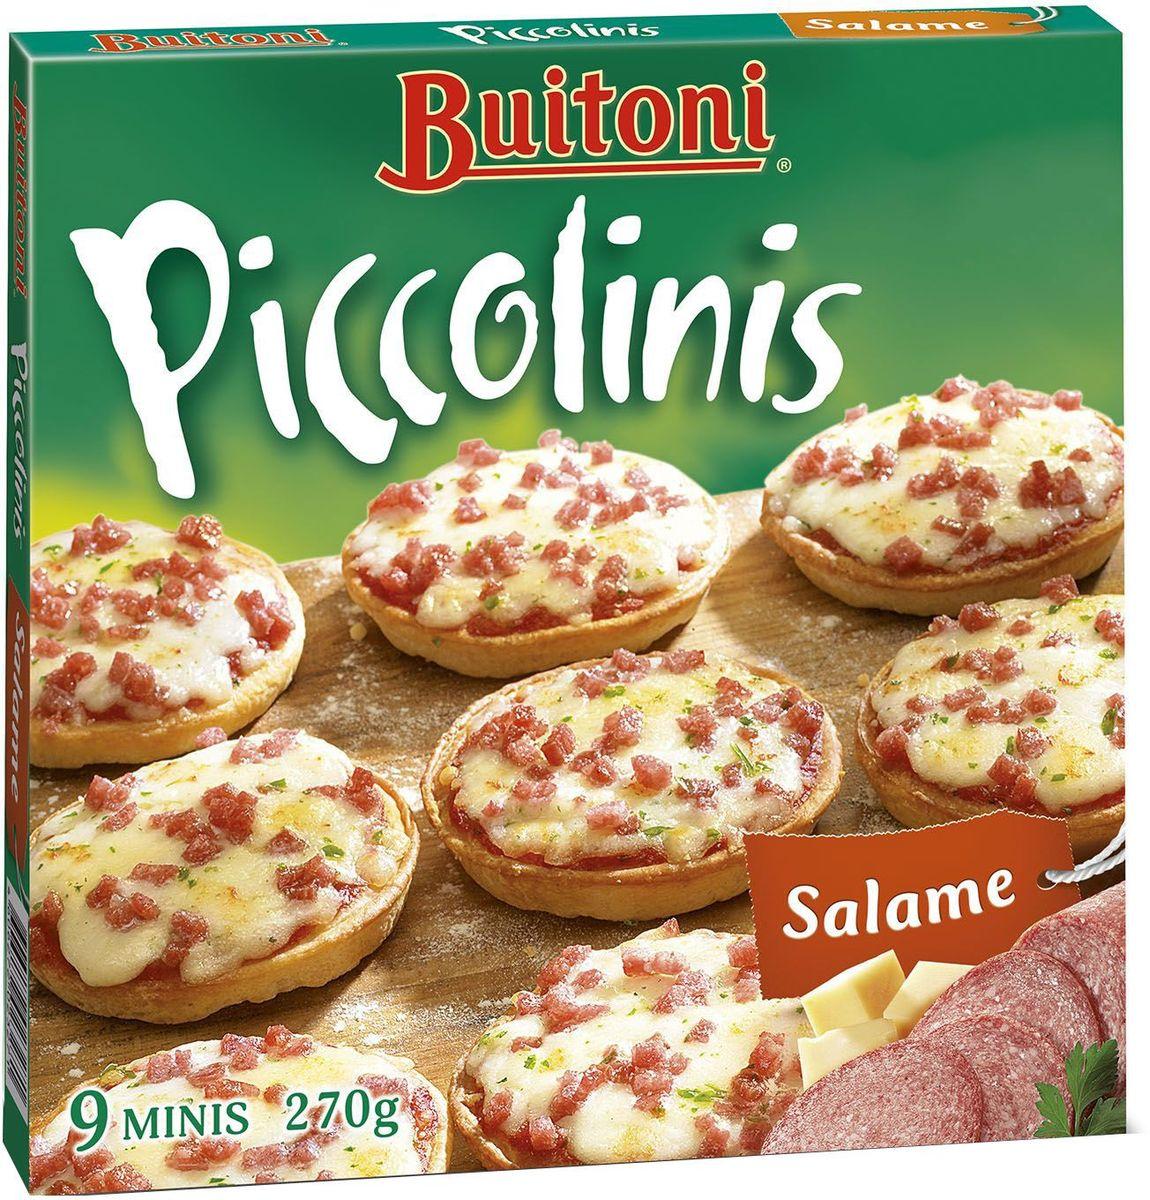 Buitoni La Pizzeria Пикколини Салями, 270 г4606272023271Попробуй Пиццу Buitoni - придай жизни вкус Италии.Пицца Buitoni выпекается в настоящей каменной печи. Благодаря равномерному жару, исходящему от природного камня, пицца становится более тонкой, хрустящей и вкусной. Секрет пиццы Буитони заключается в комбинации свежих натуральных ингредиентов - томатов, созревающих на жарком солнце, лучших сортов сыра и ароматных специй.